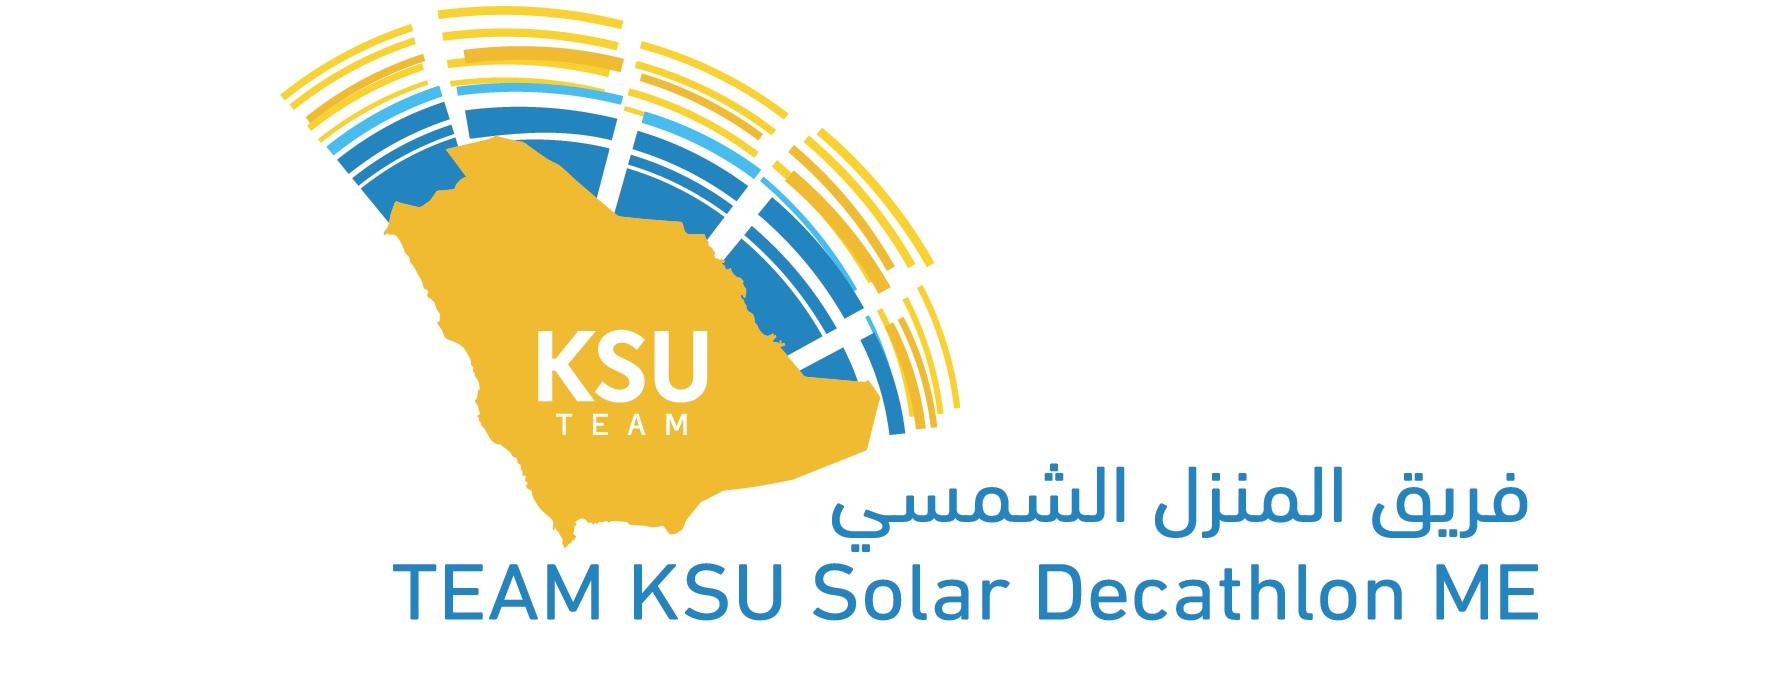 مشروع البيت الشمسي